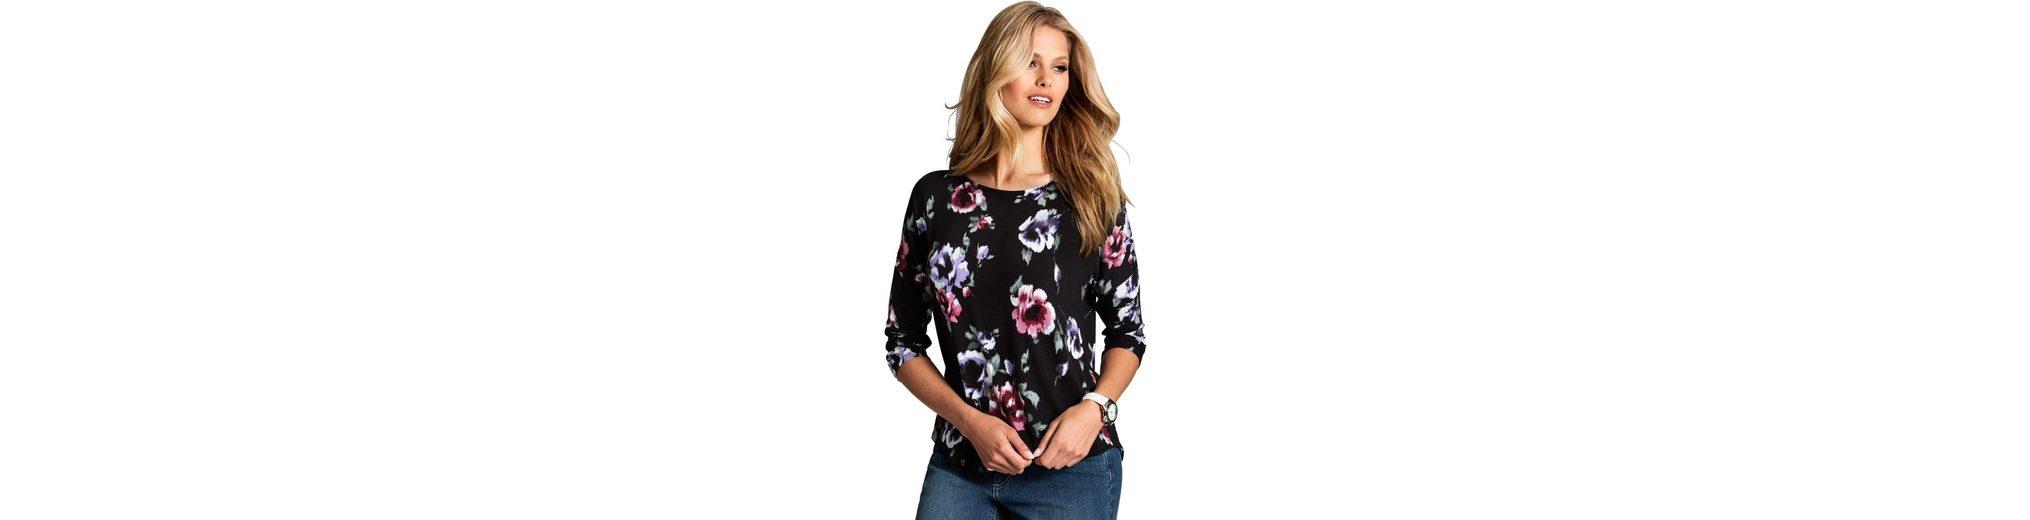 Ambria Shirt im Printdesign Verkauf Schnelle Lieferung gy7SZM8